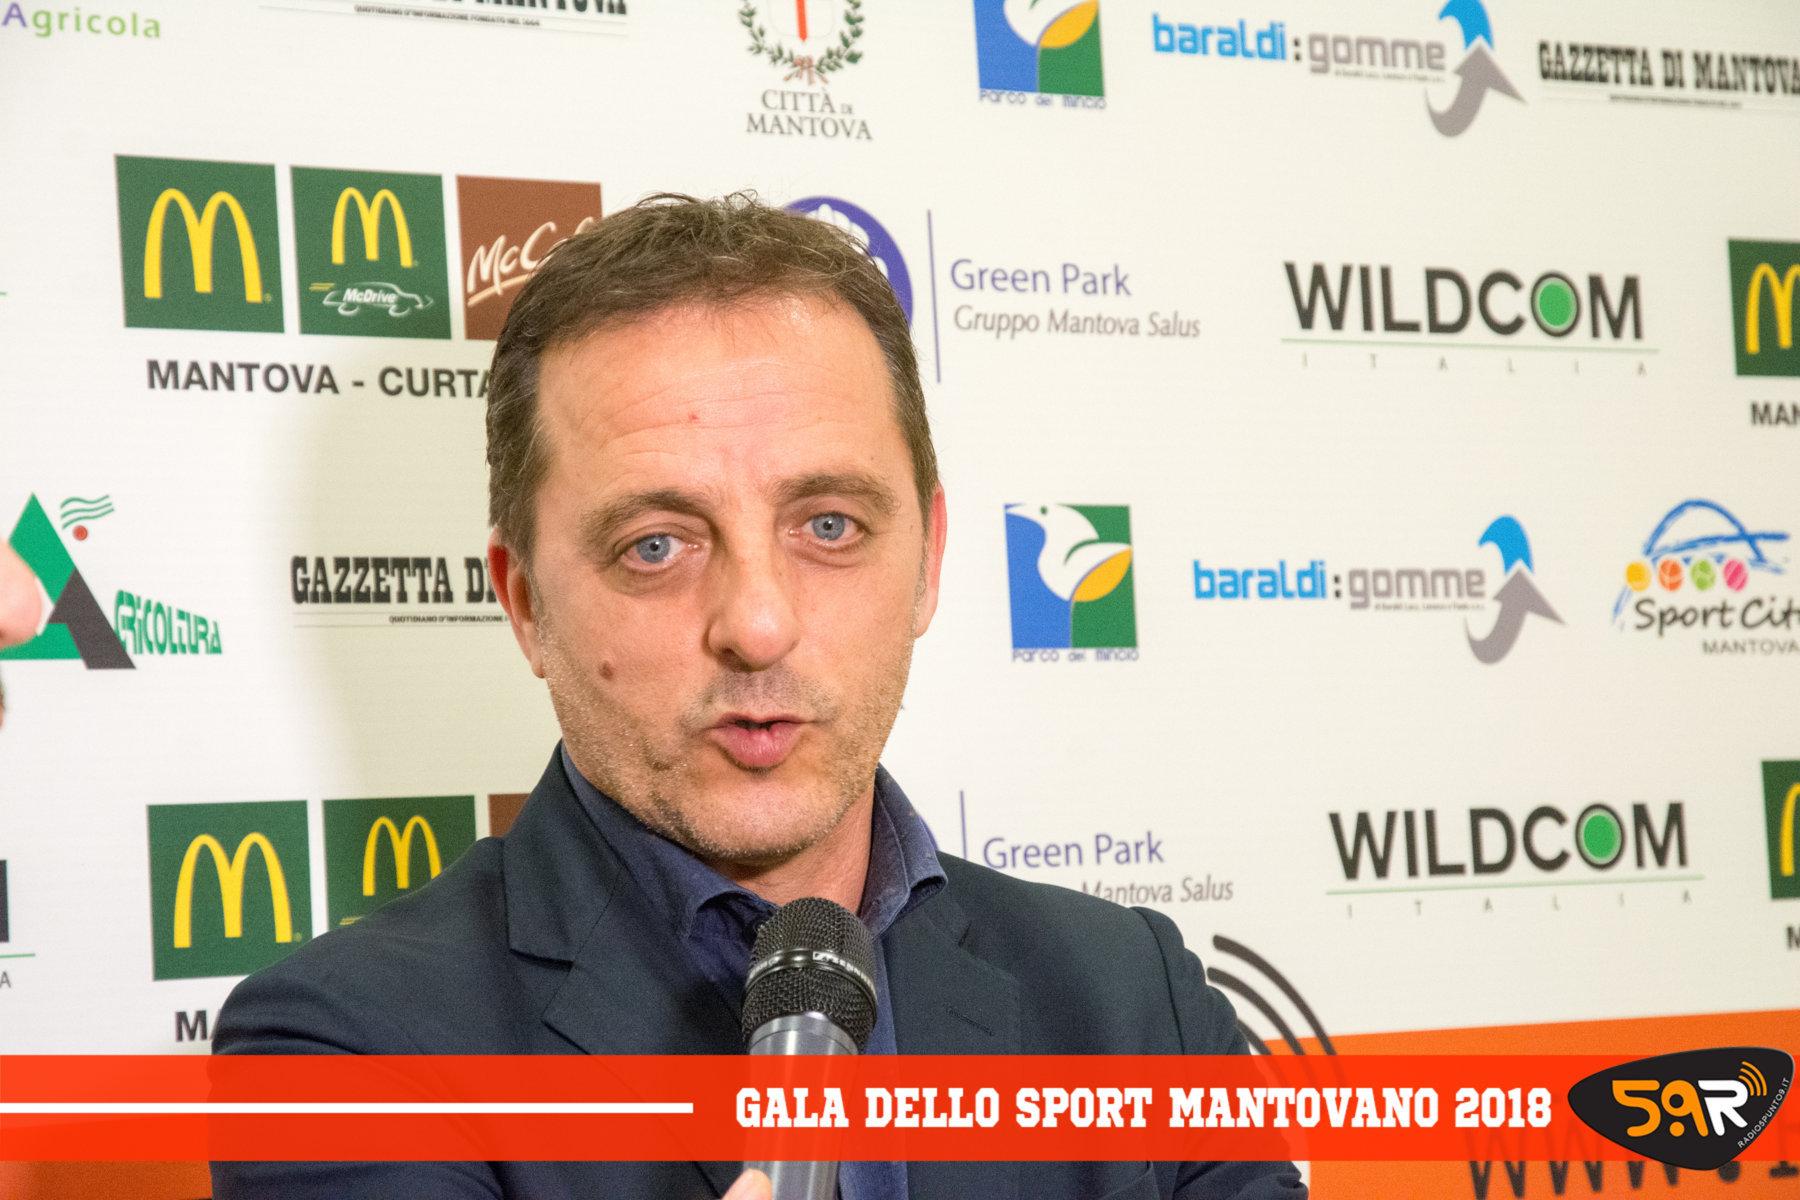 Gala dello Sport Mantovano 2018 Web Radio 5 (134)